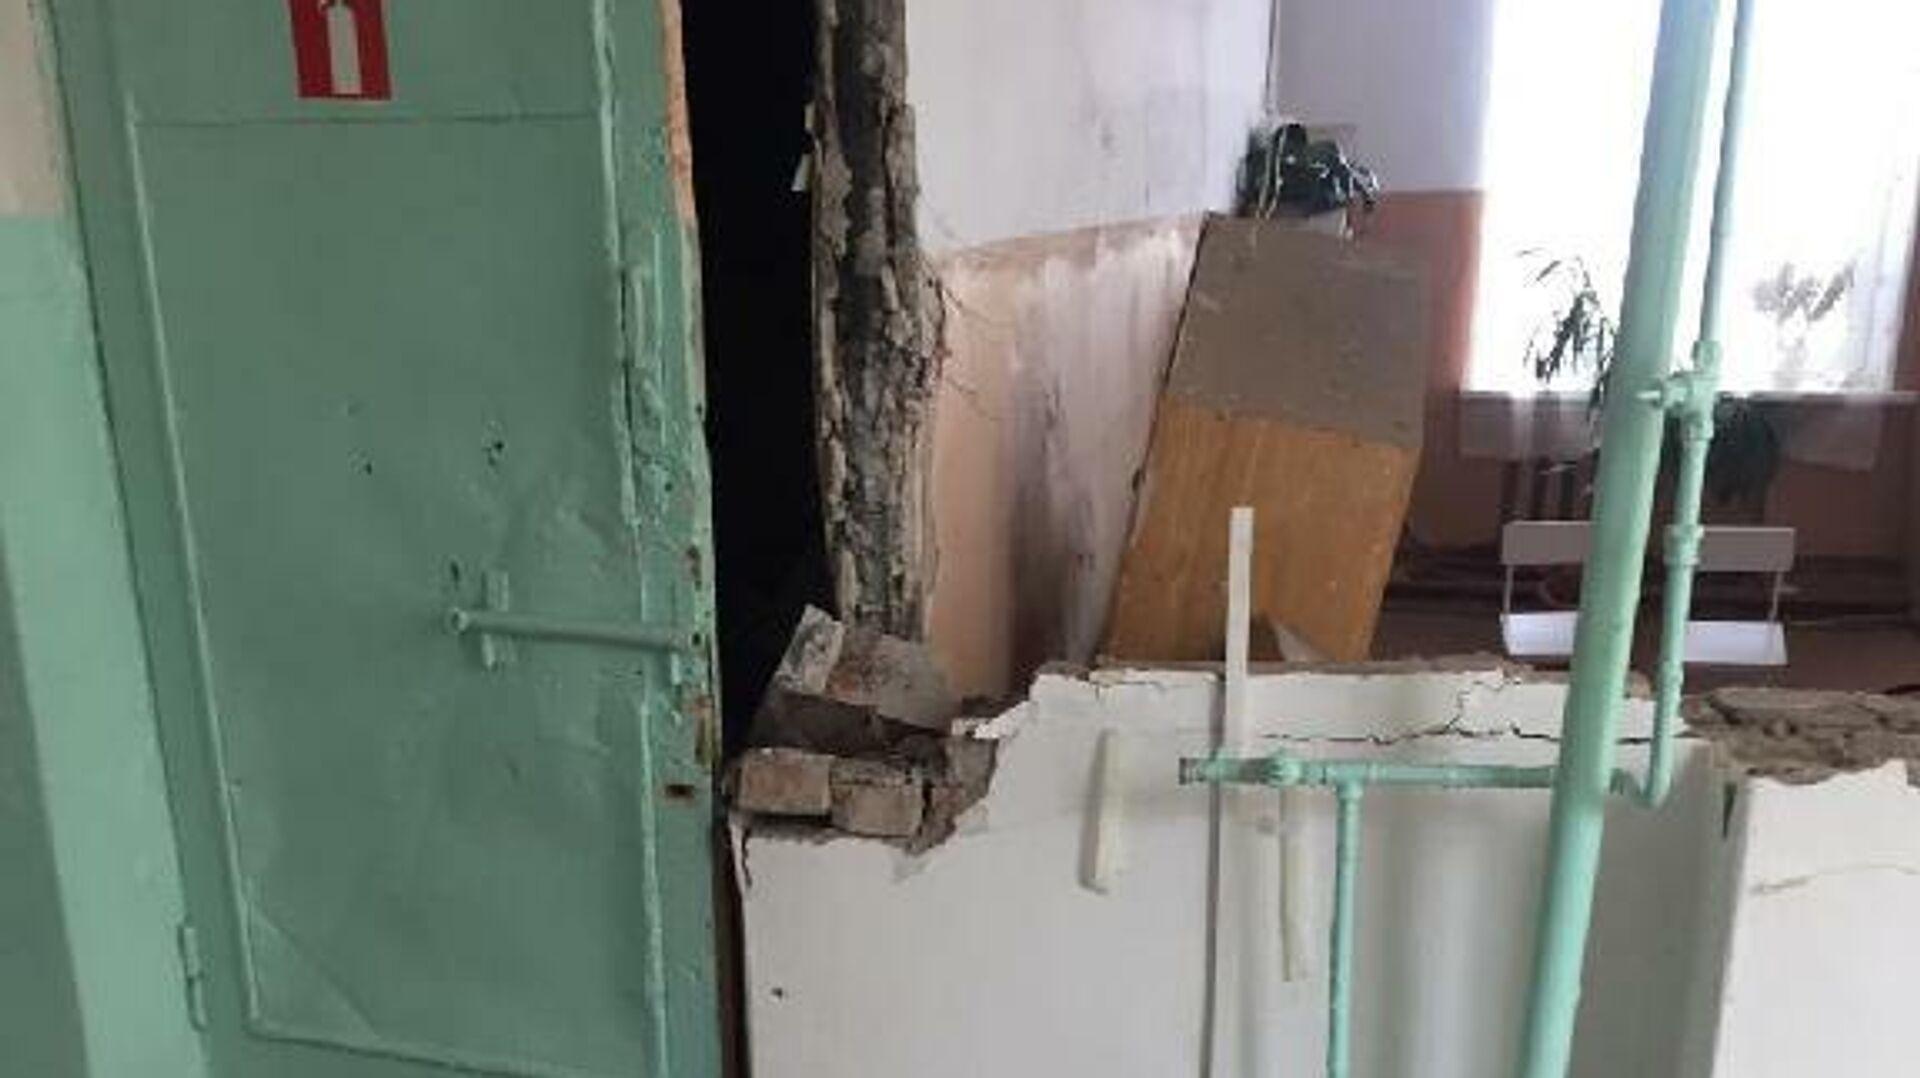 Обрушение стены в здании школы, расположенной в селе Воздвиженка Уссурийского городского округа - РИА Новости, 1920, 16.04.2021